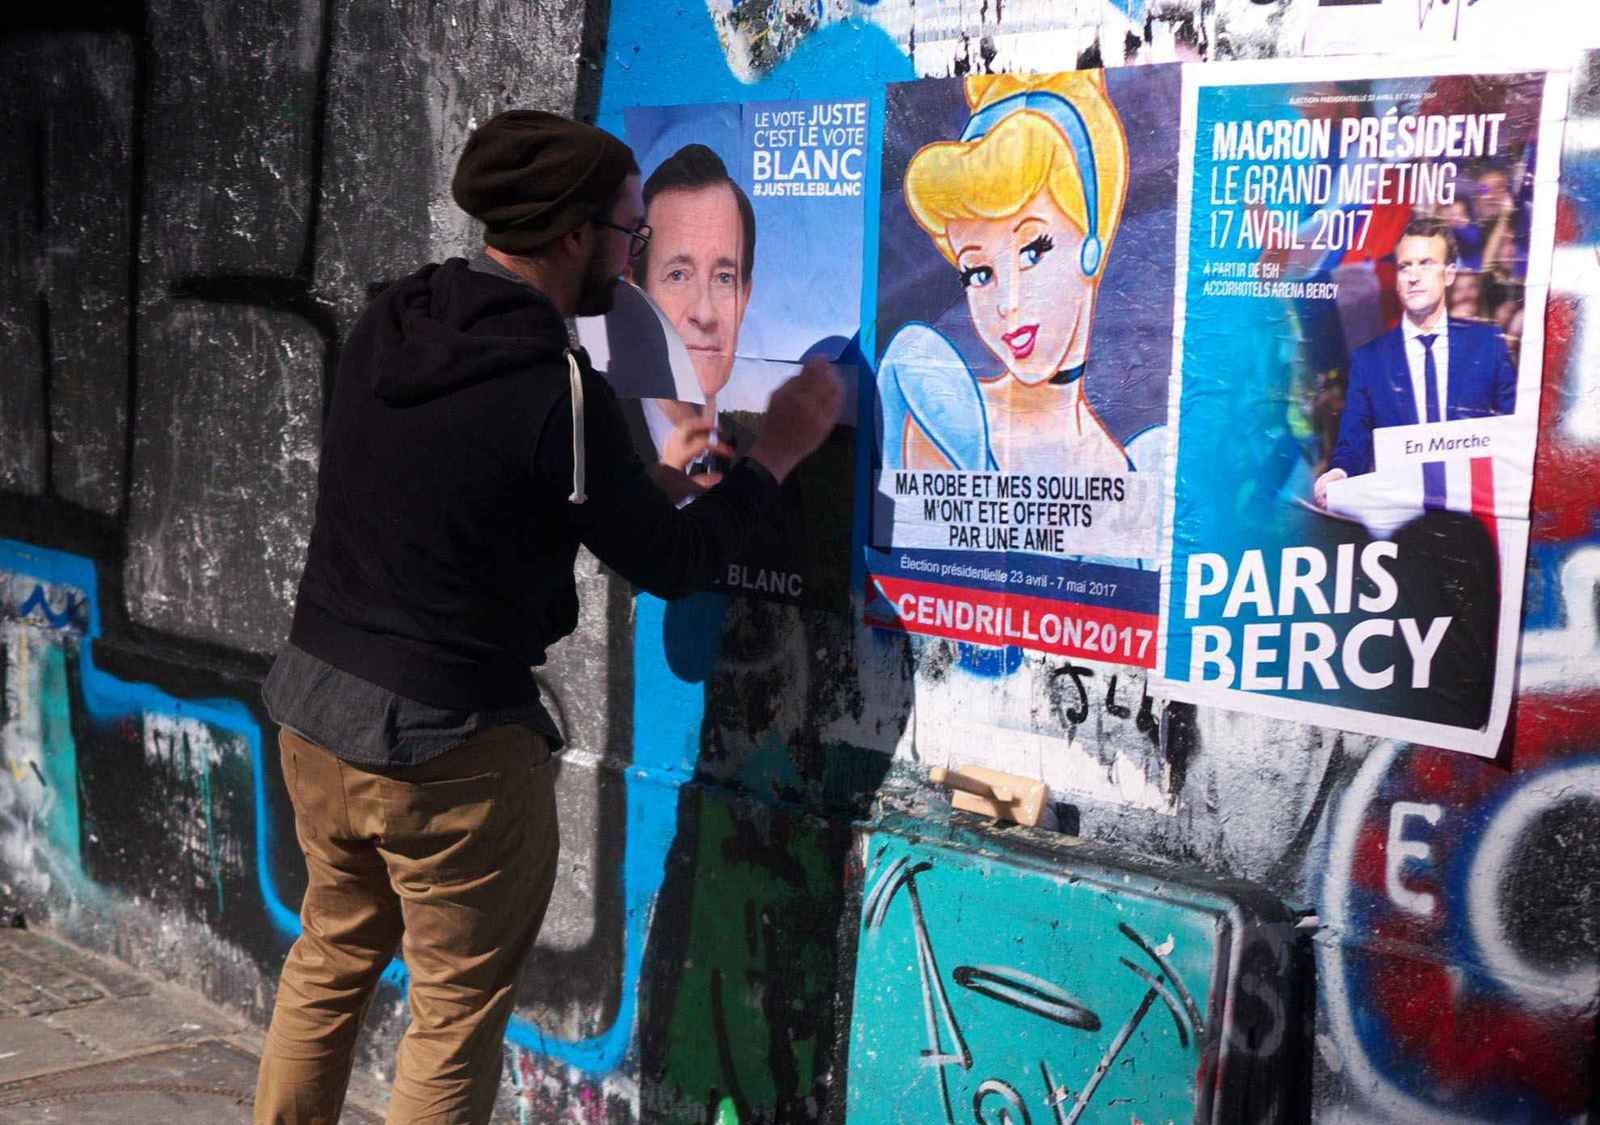 LES ELECTIONS FRANCAISES PAR COMBO